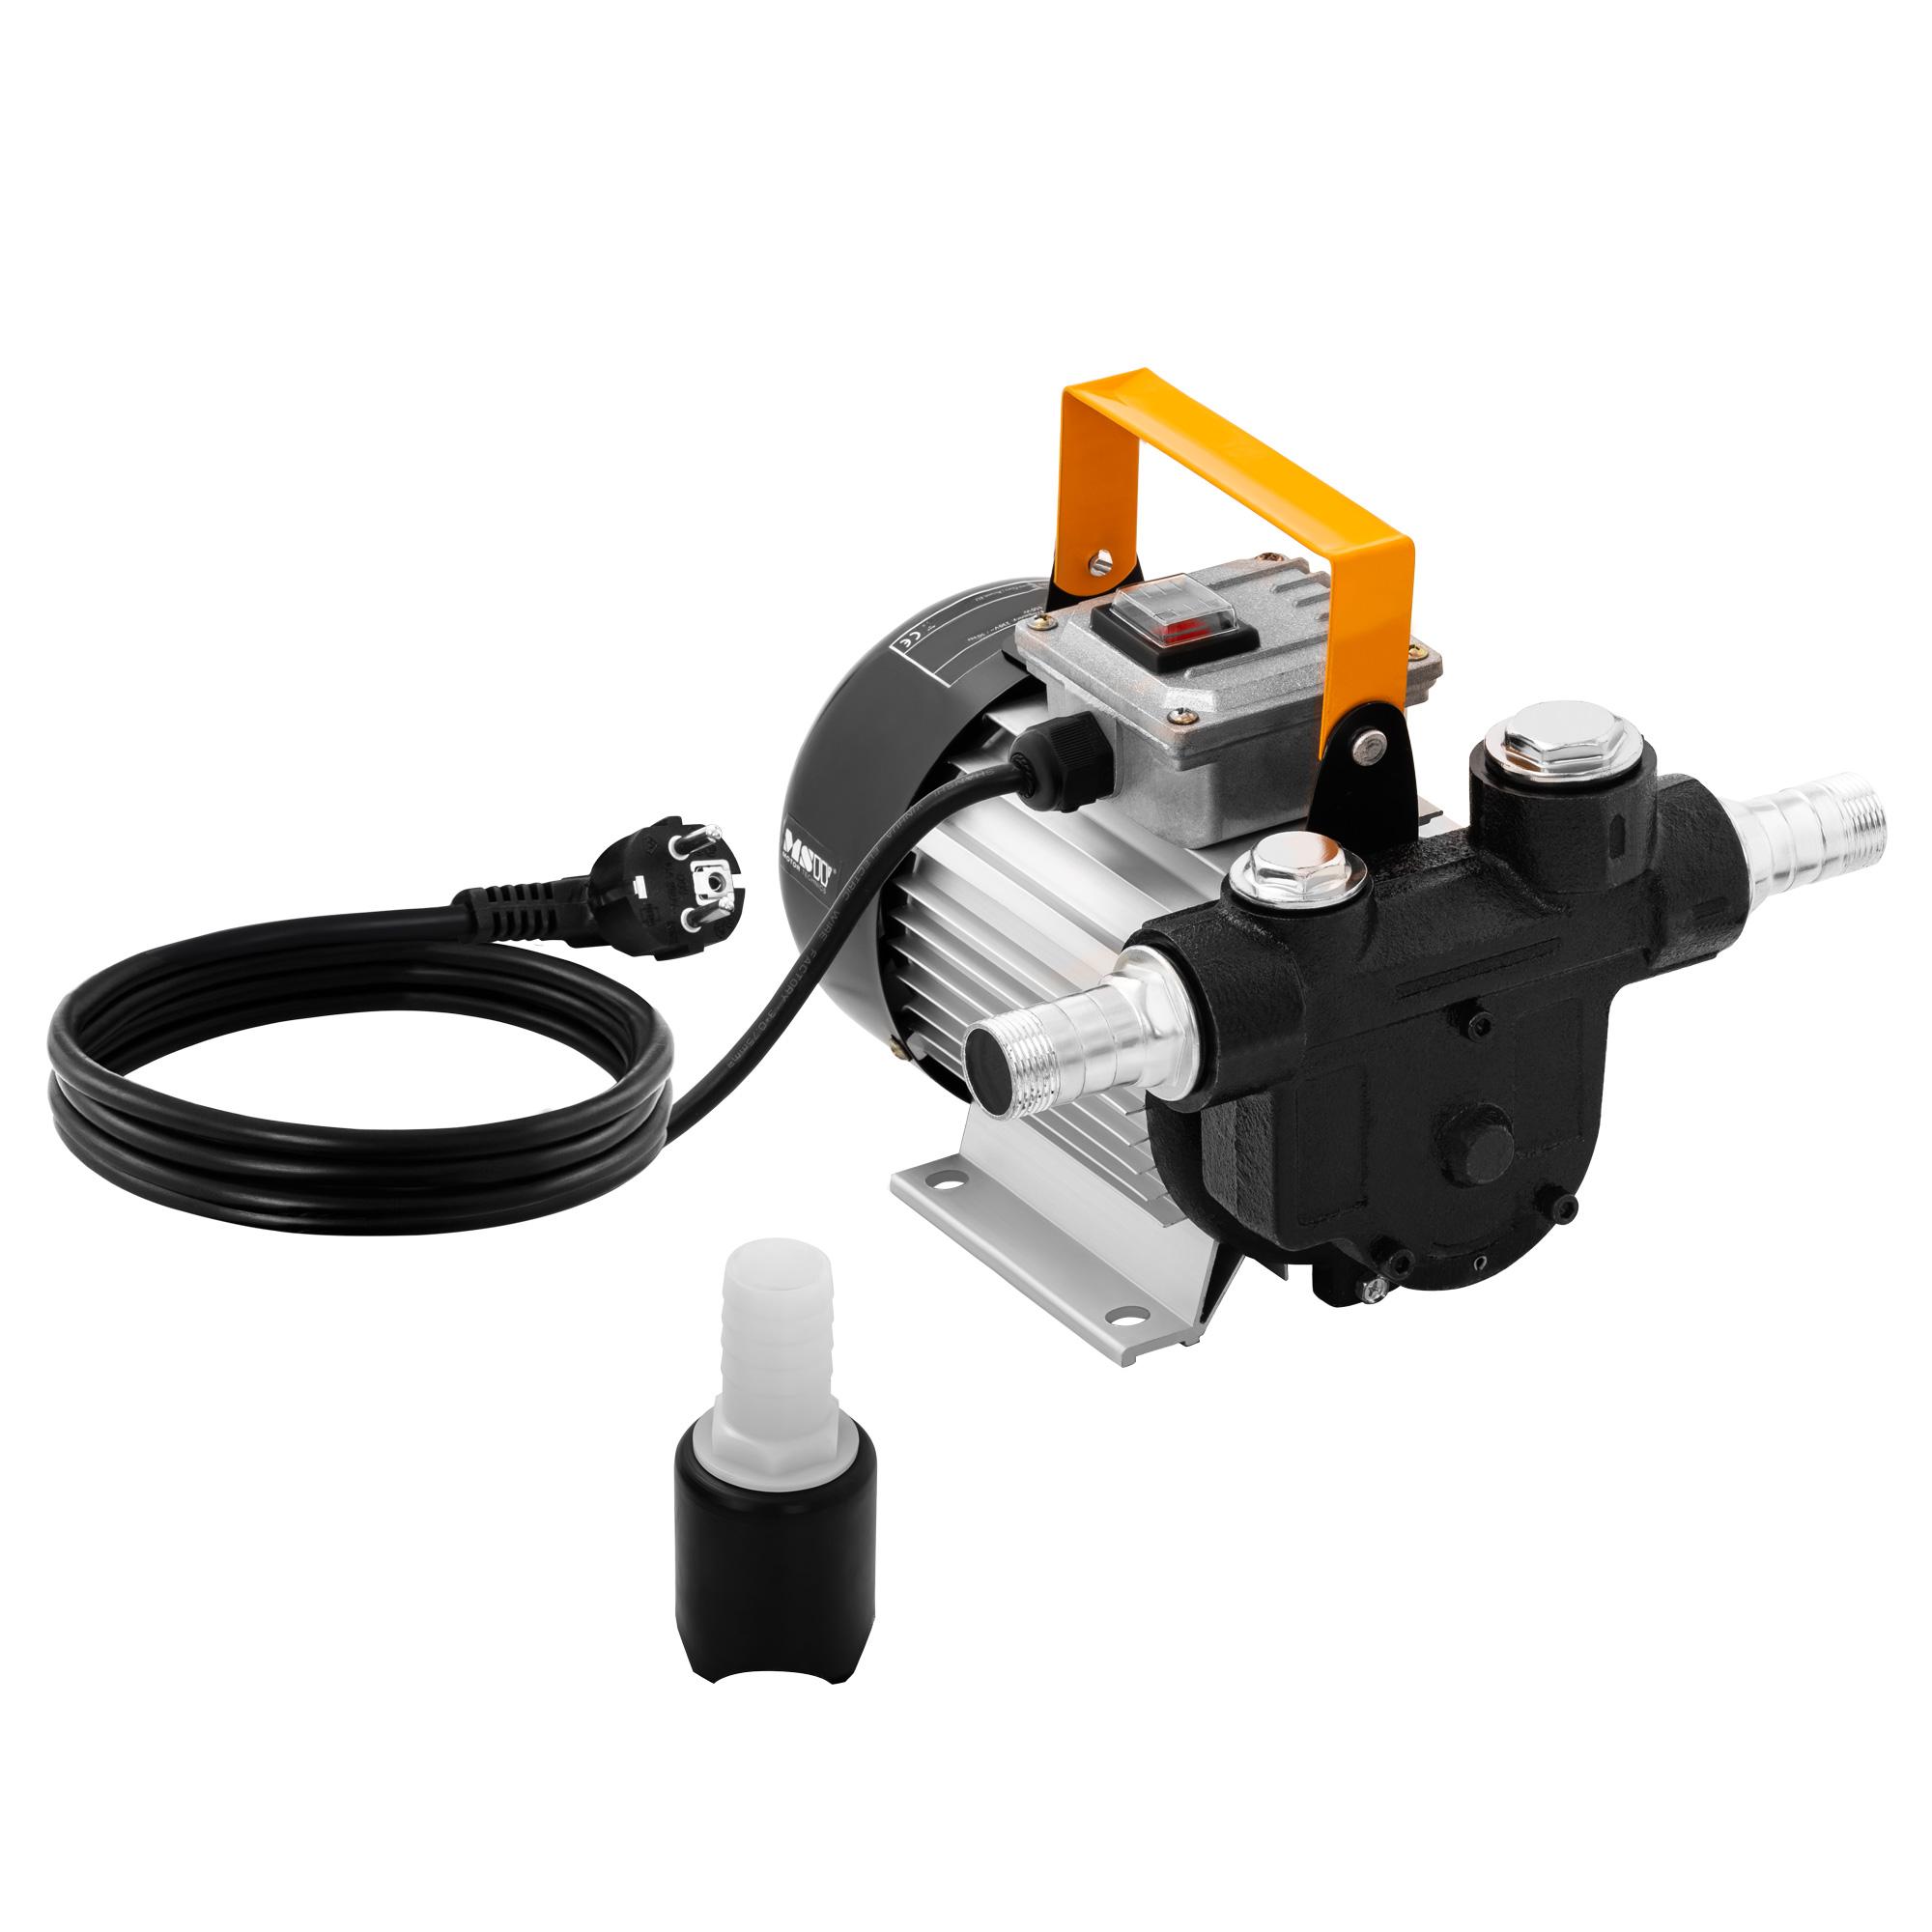 MSW Dieselpumpe - 60 l/min 10060822